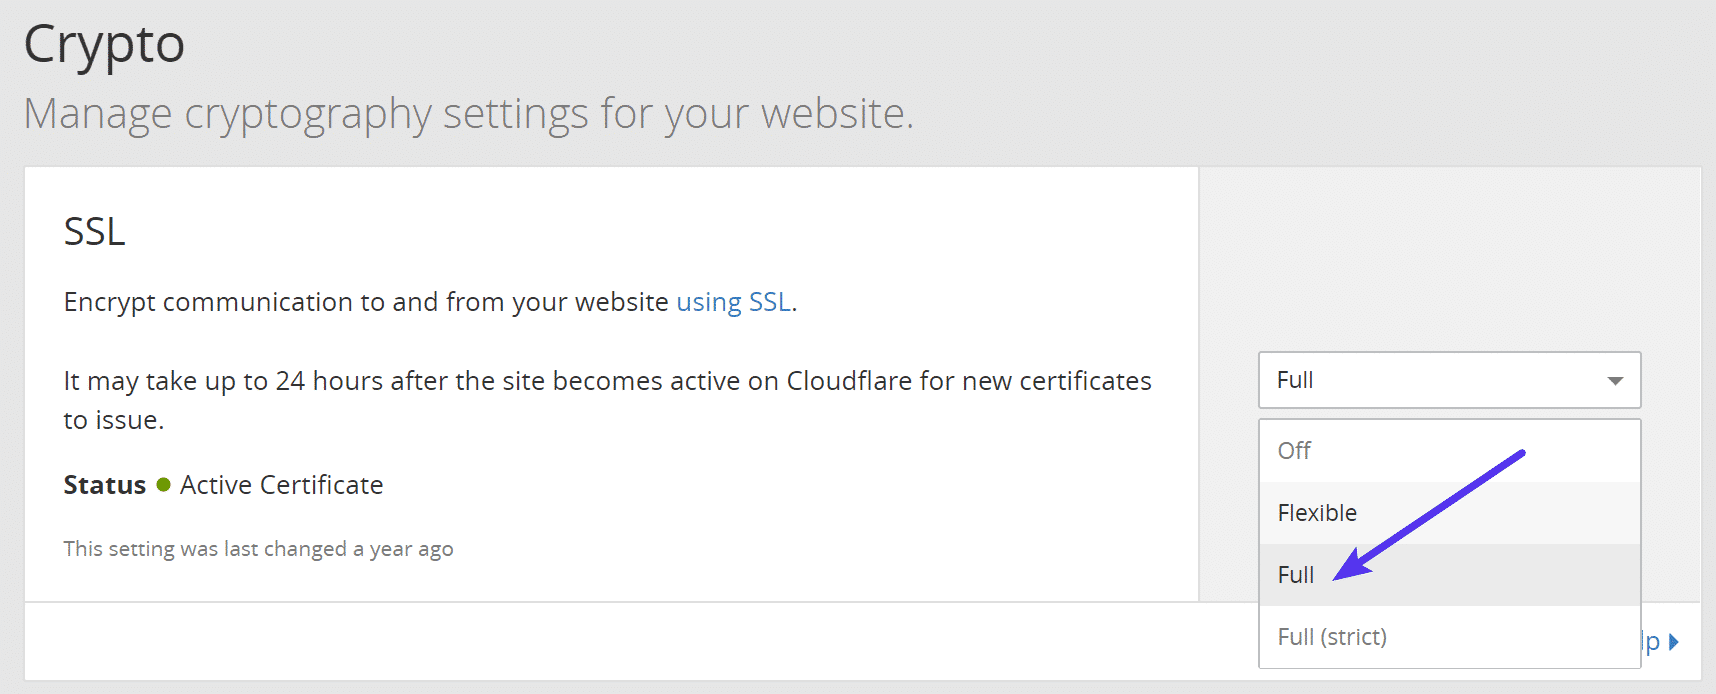 Definir o nível de criptografia do Cloudflare como completo